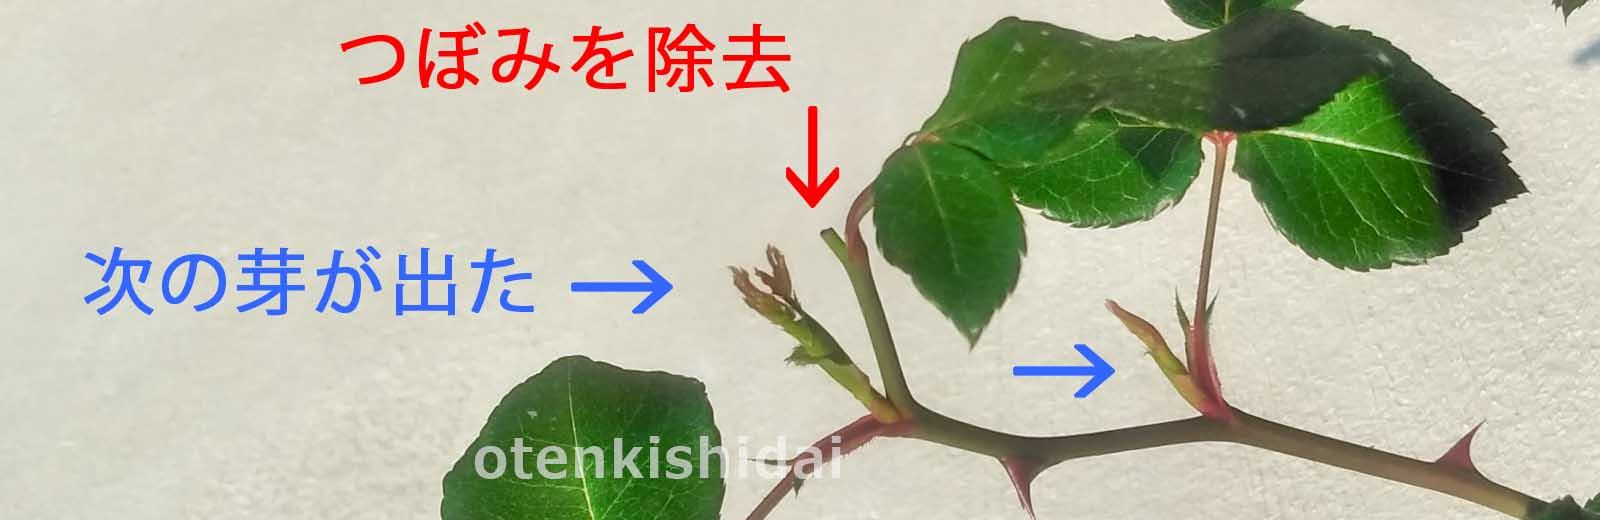 バラの摘蕾後の芽